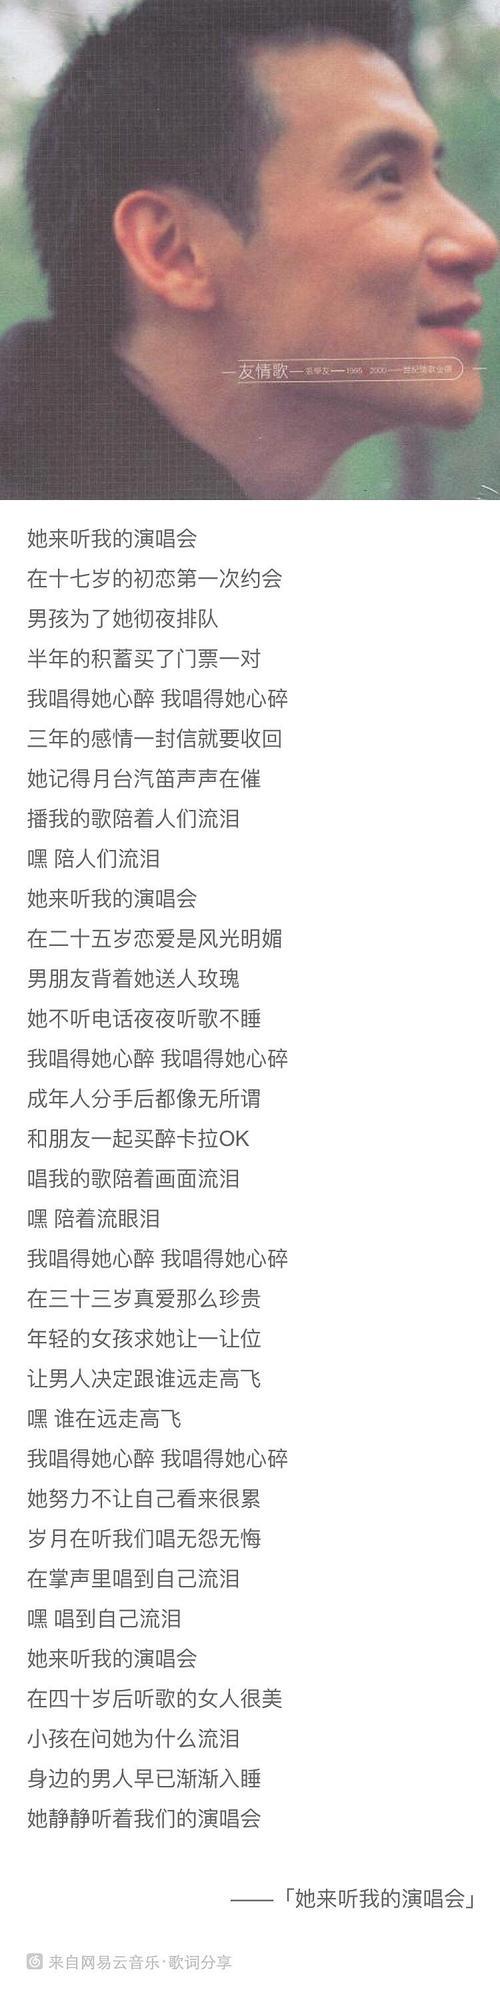 物是人非-曹秦(MP3歌词/LRC歌词) lrc歌词下载 第3张